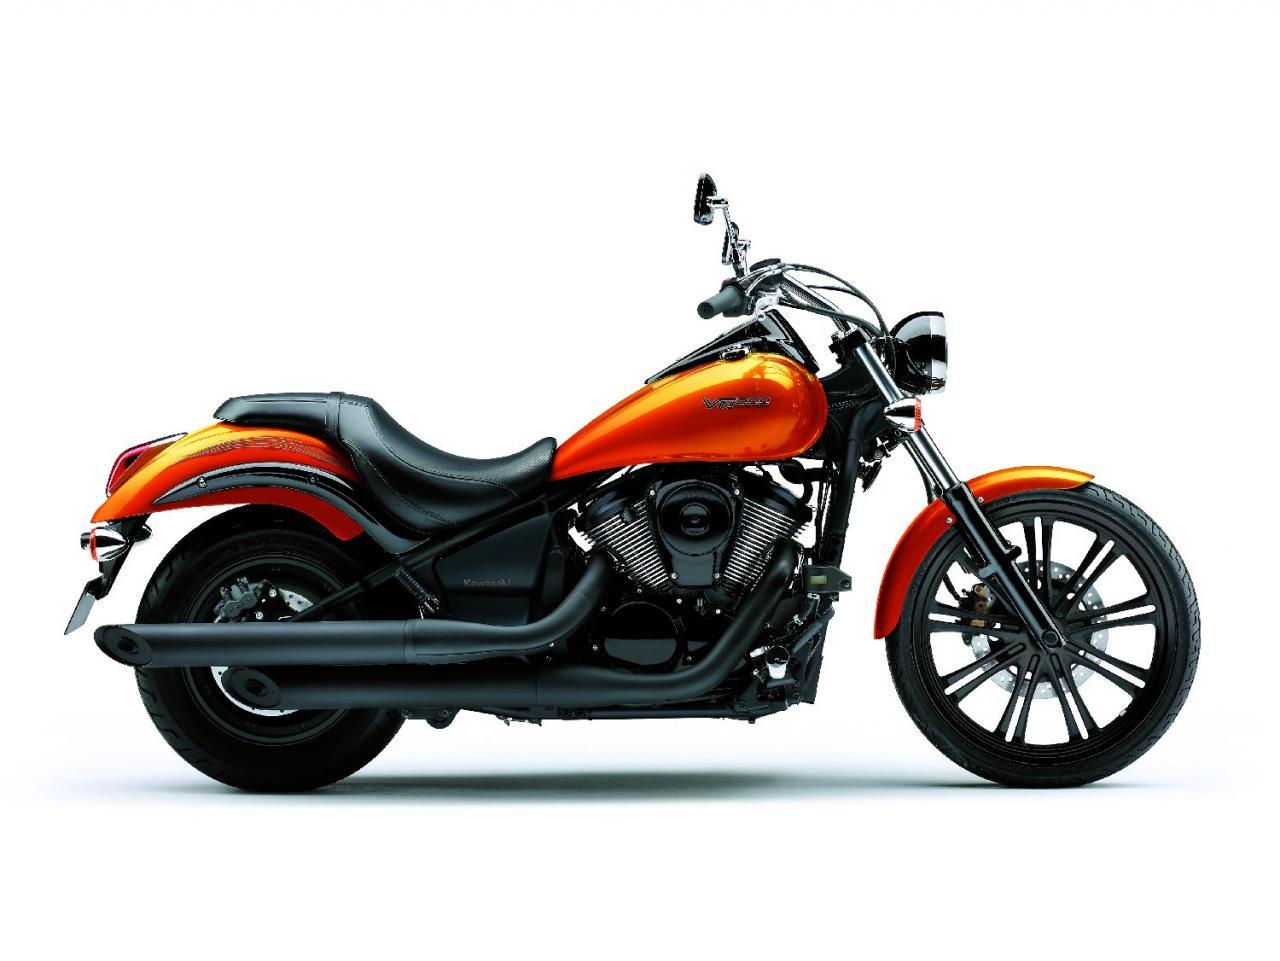 Kawasaki  Vulcan Motorcycles